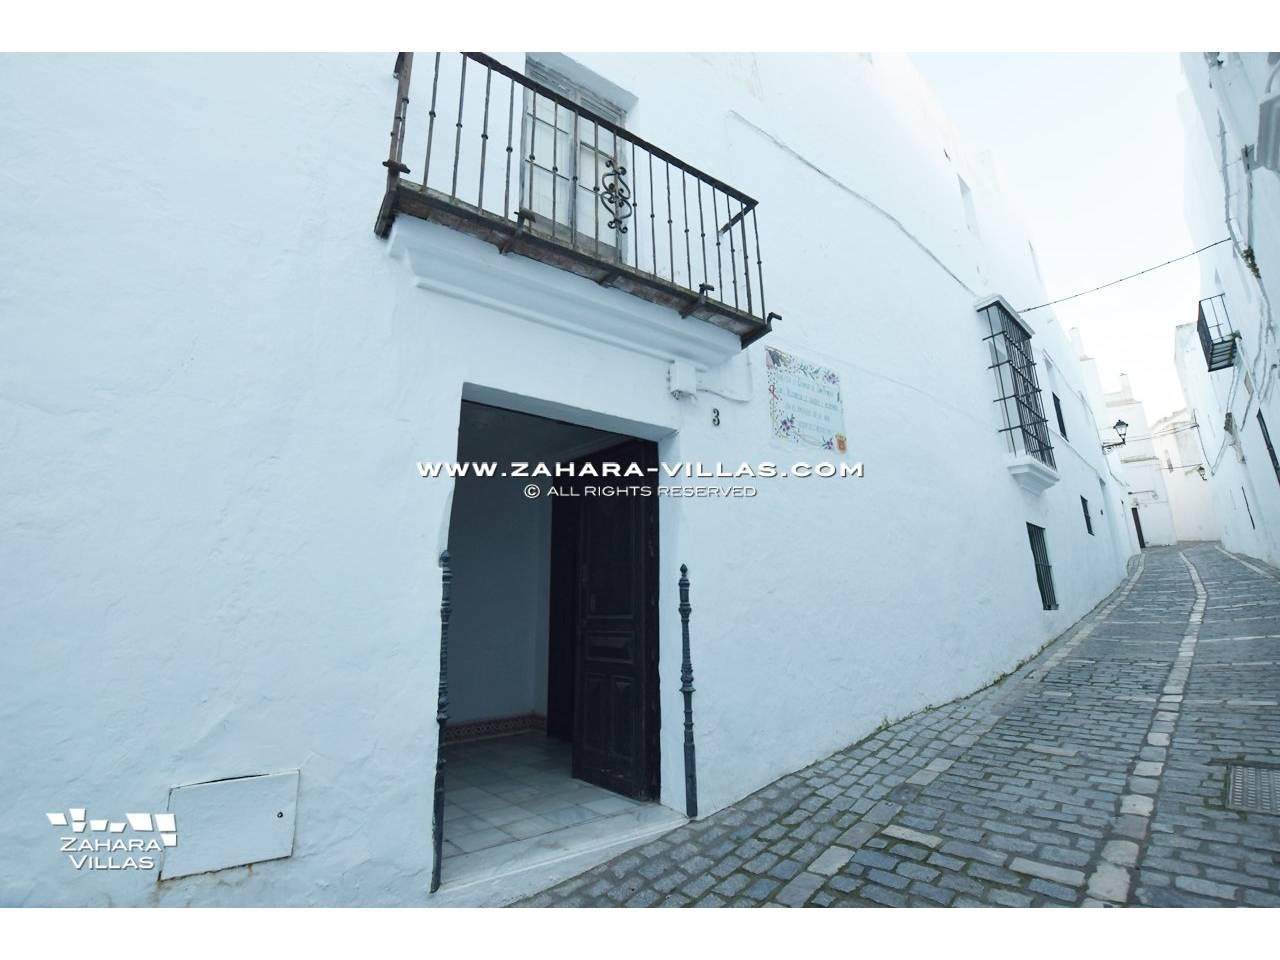 Imagen 5 de Historic buildings for sale in Vejer de la Frontera are sold